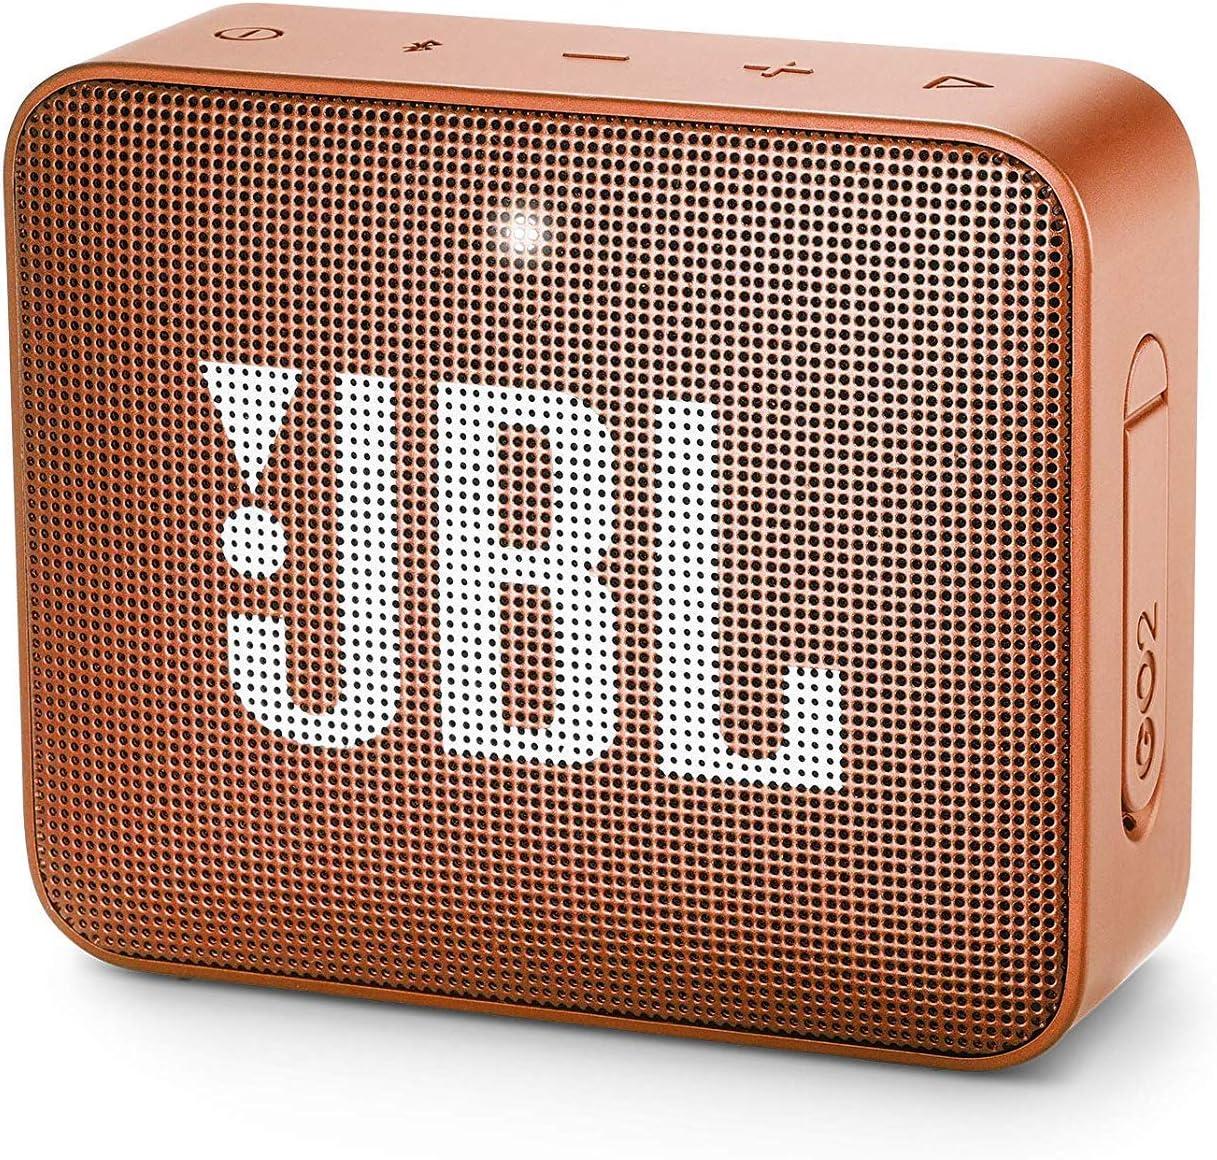 JBL GO 2 - Altavoz inalámbrico portátil con Bluetooth, resistente al agua (IPX7), hasta 5 h de reproducción con sonido de alta fidelidad, naranja